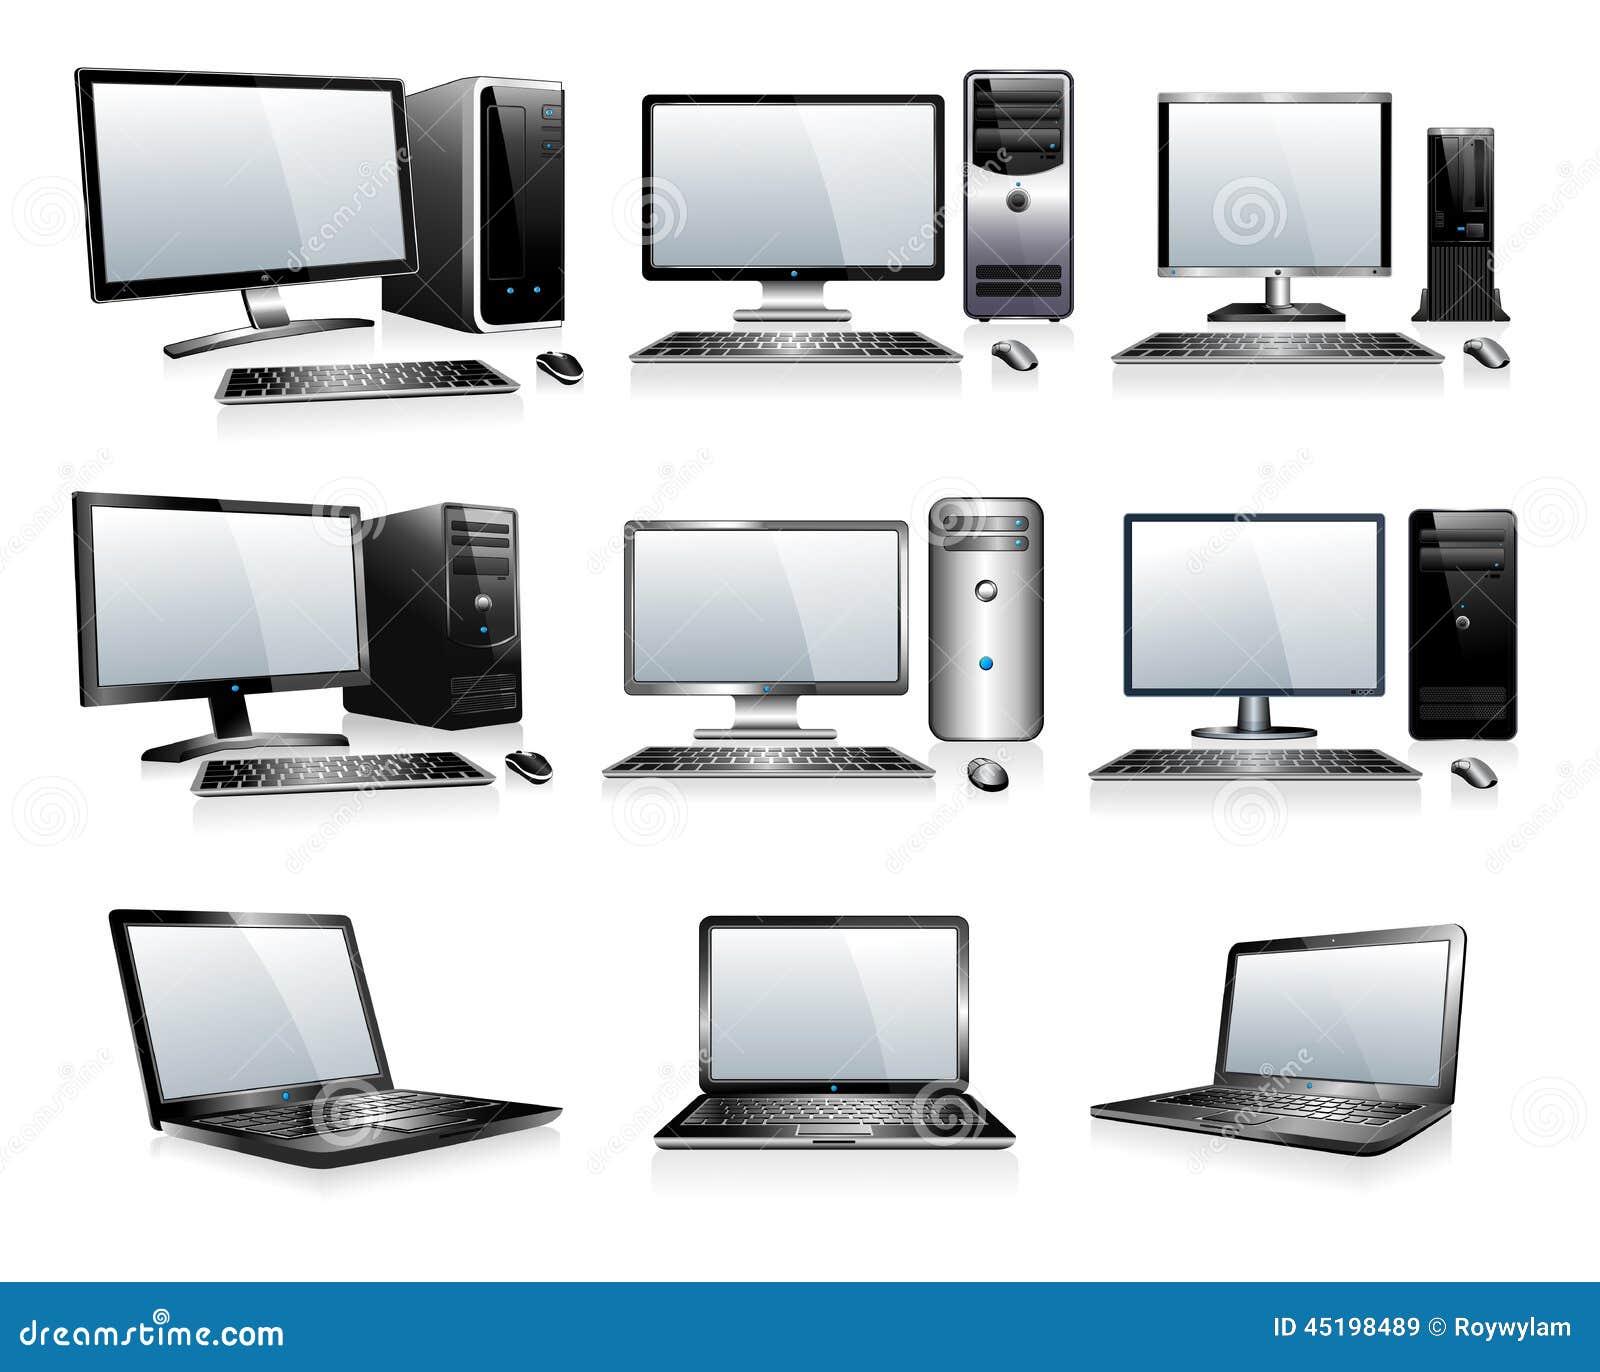 Computer Technology Electronics - Computers, Laptop Desktops, PC